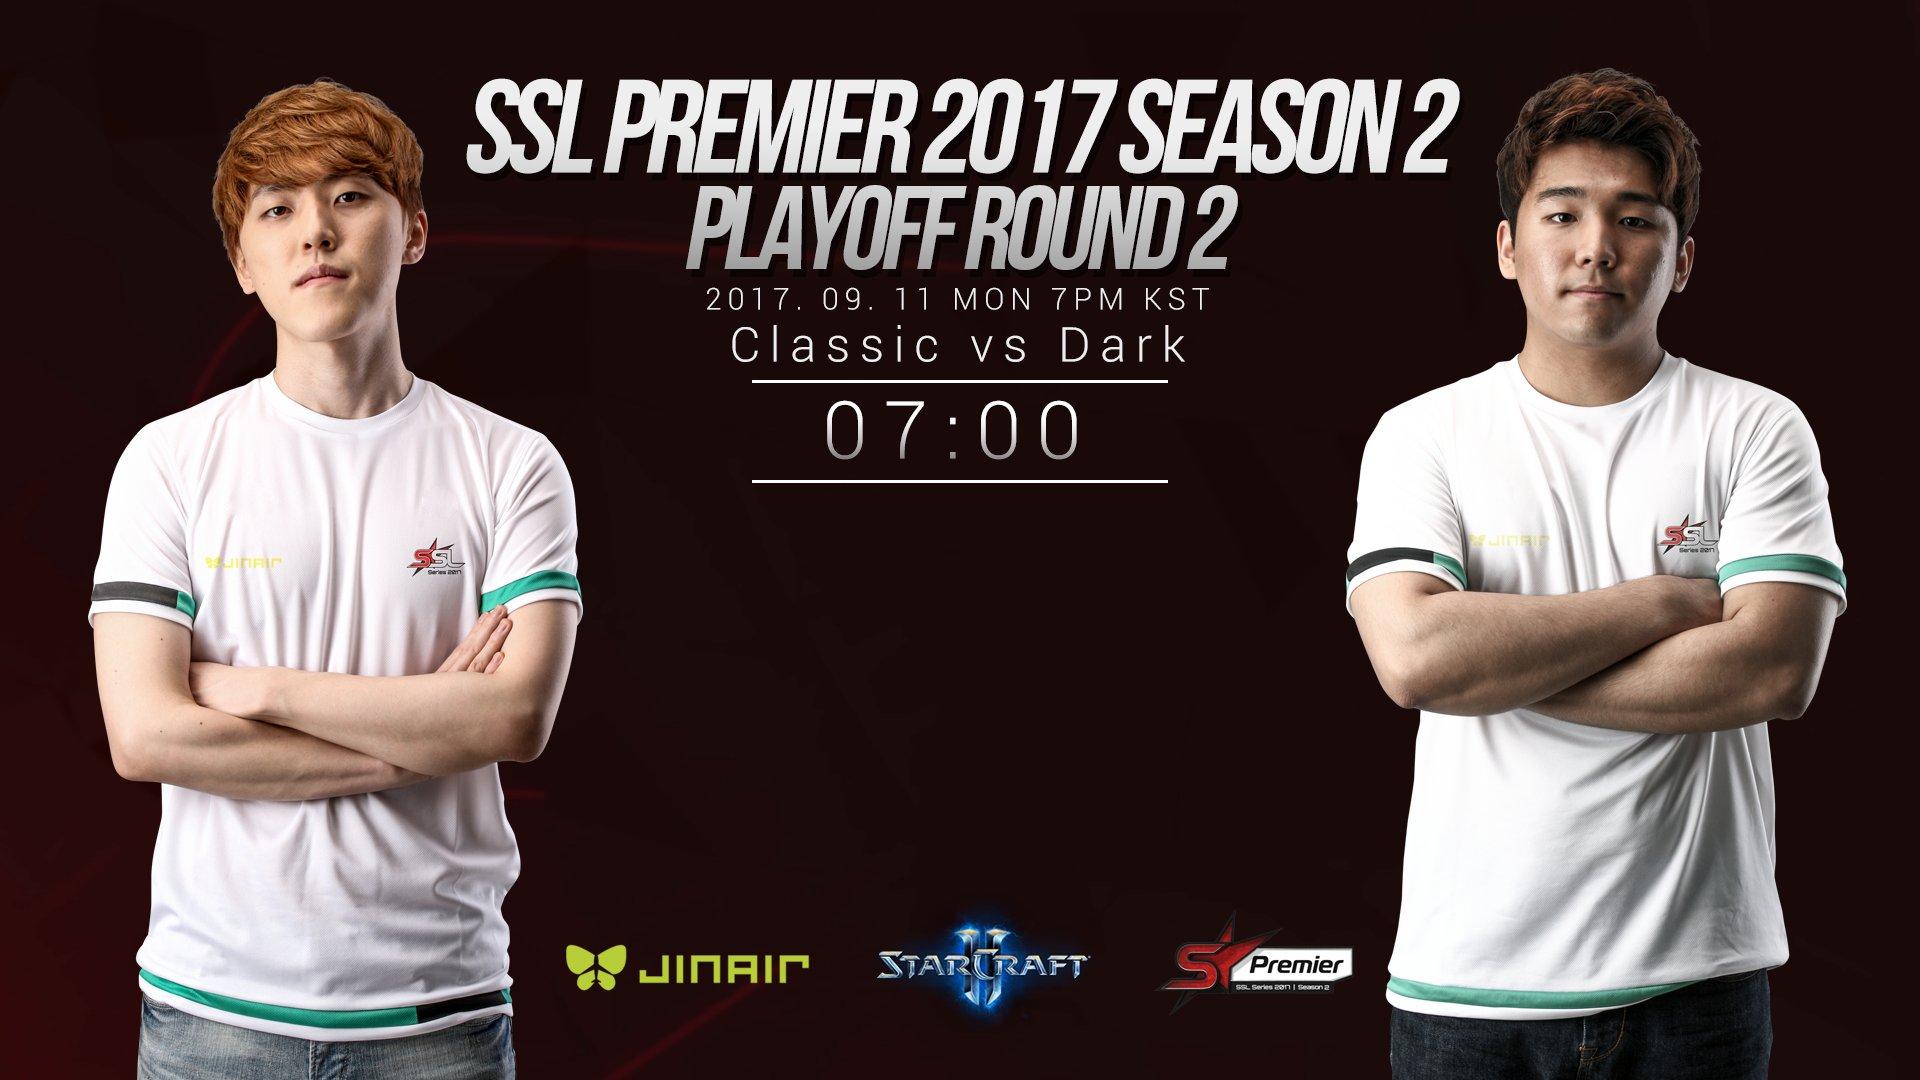 2017 SSL Premier 2. szezon rájátszás: Classic vs Dark